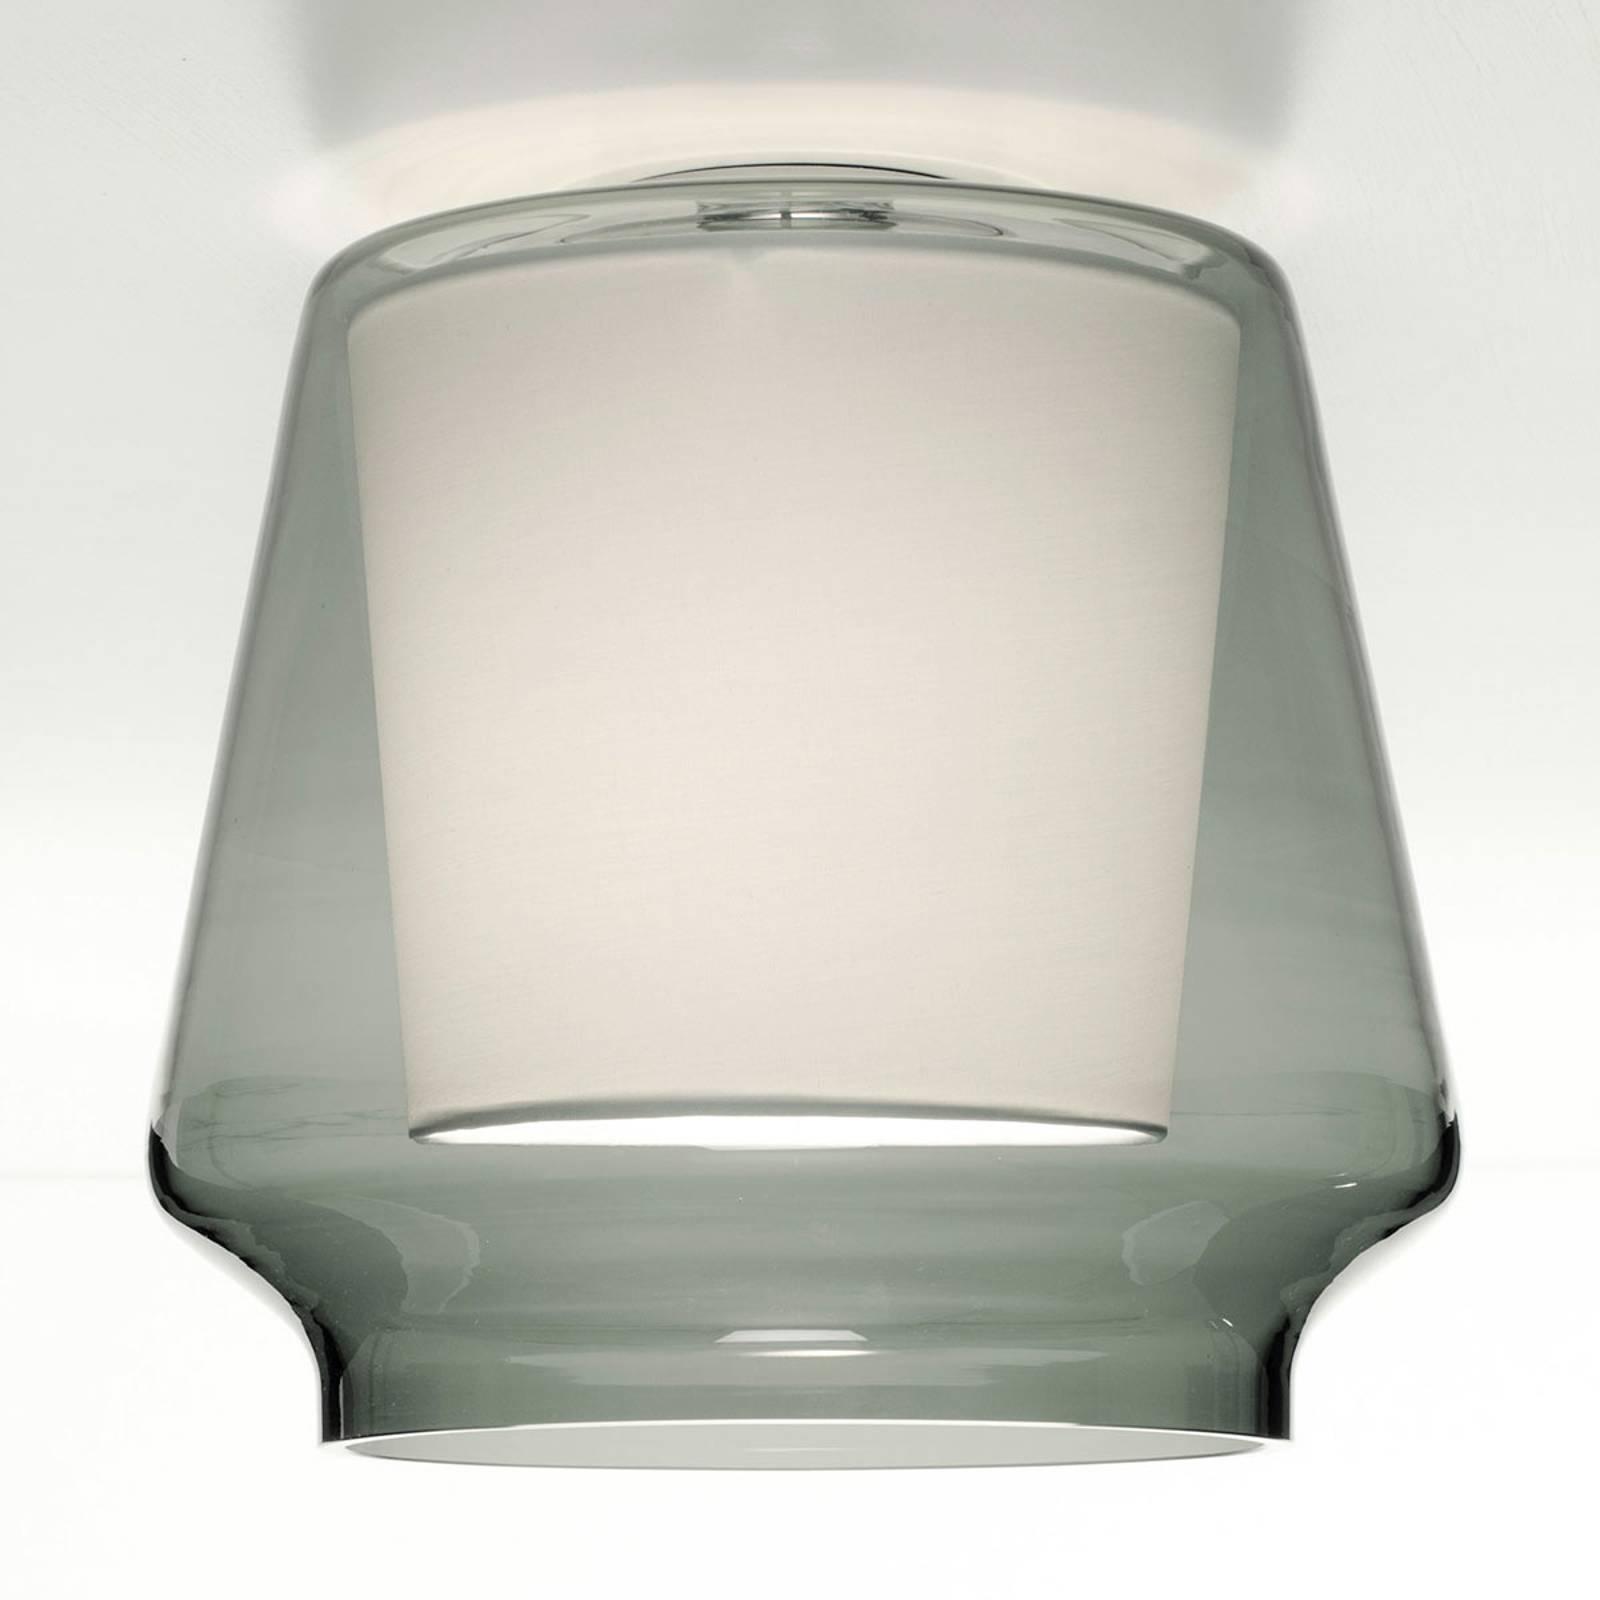 Casablanca Aleve lampa sufitowa, dym, biała